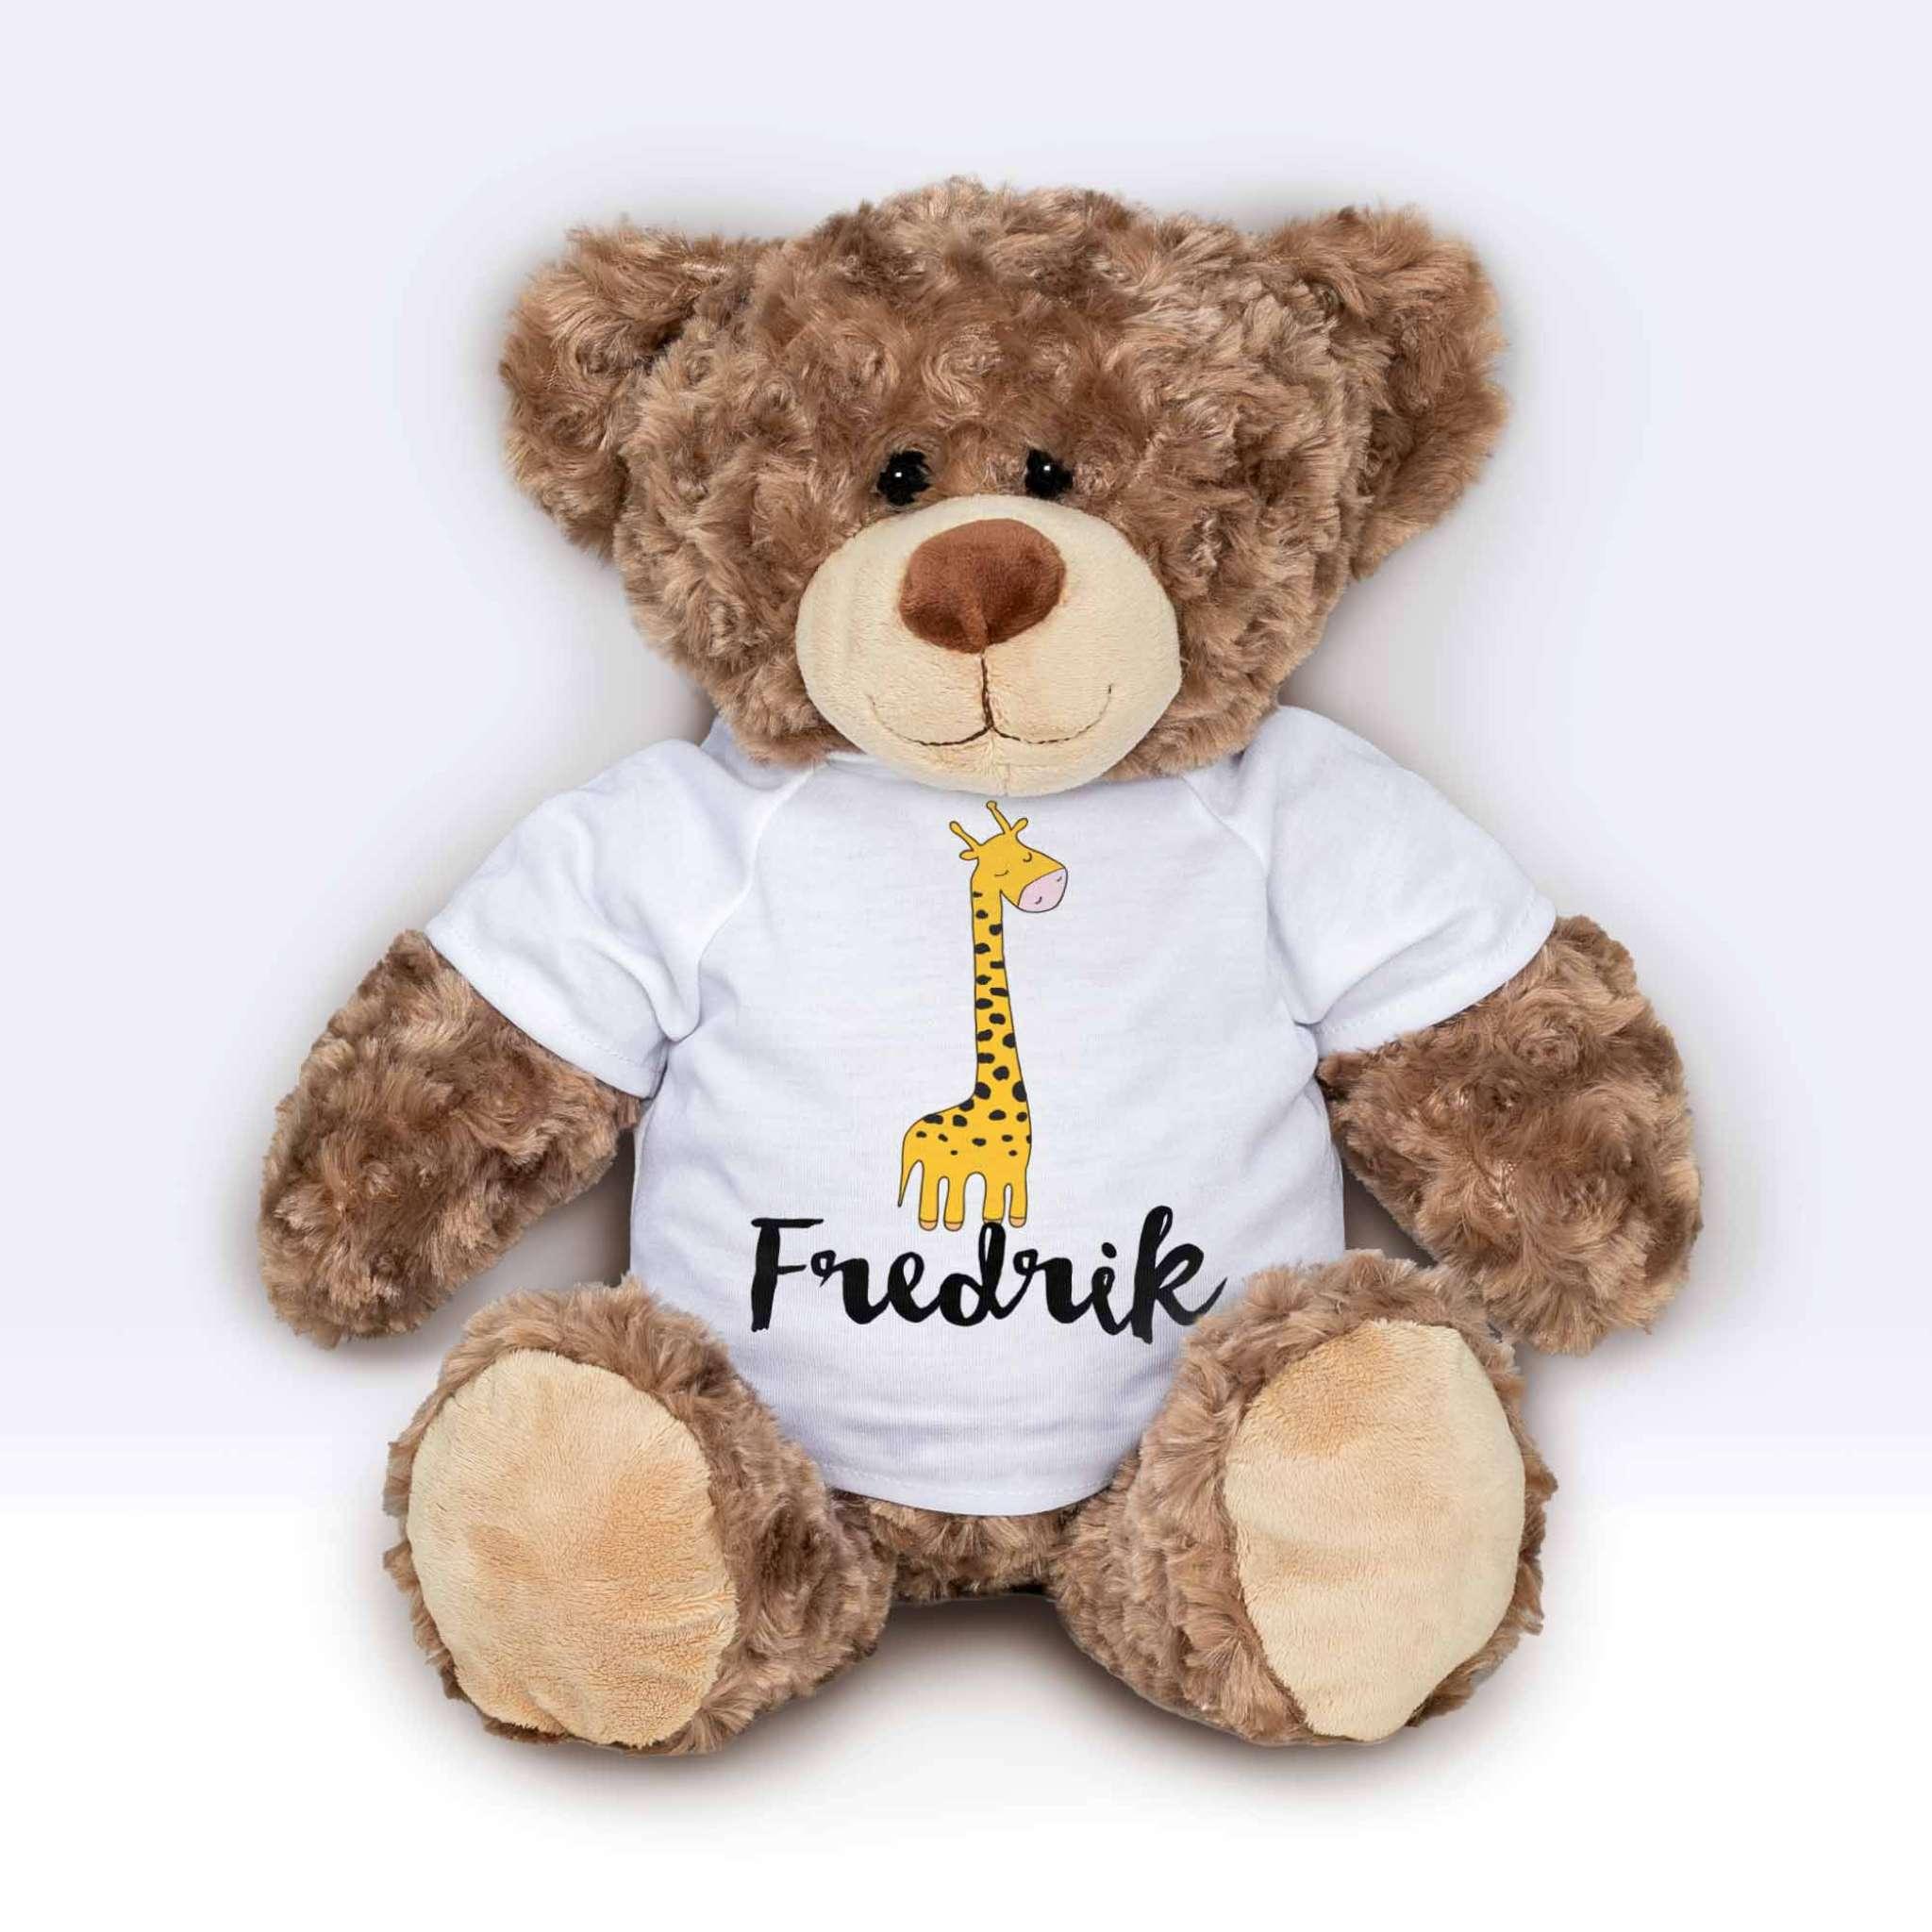 Teddy T-shirt Sjiraff